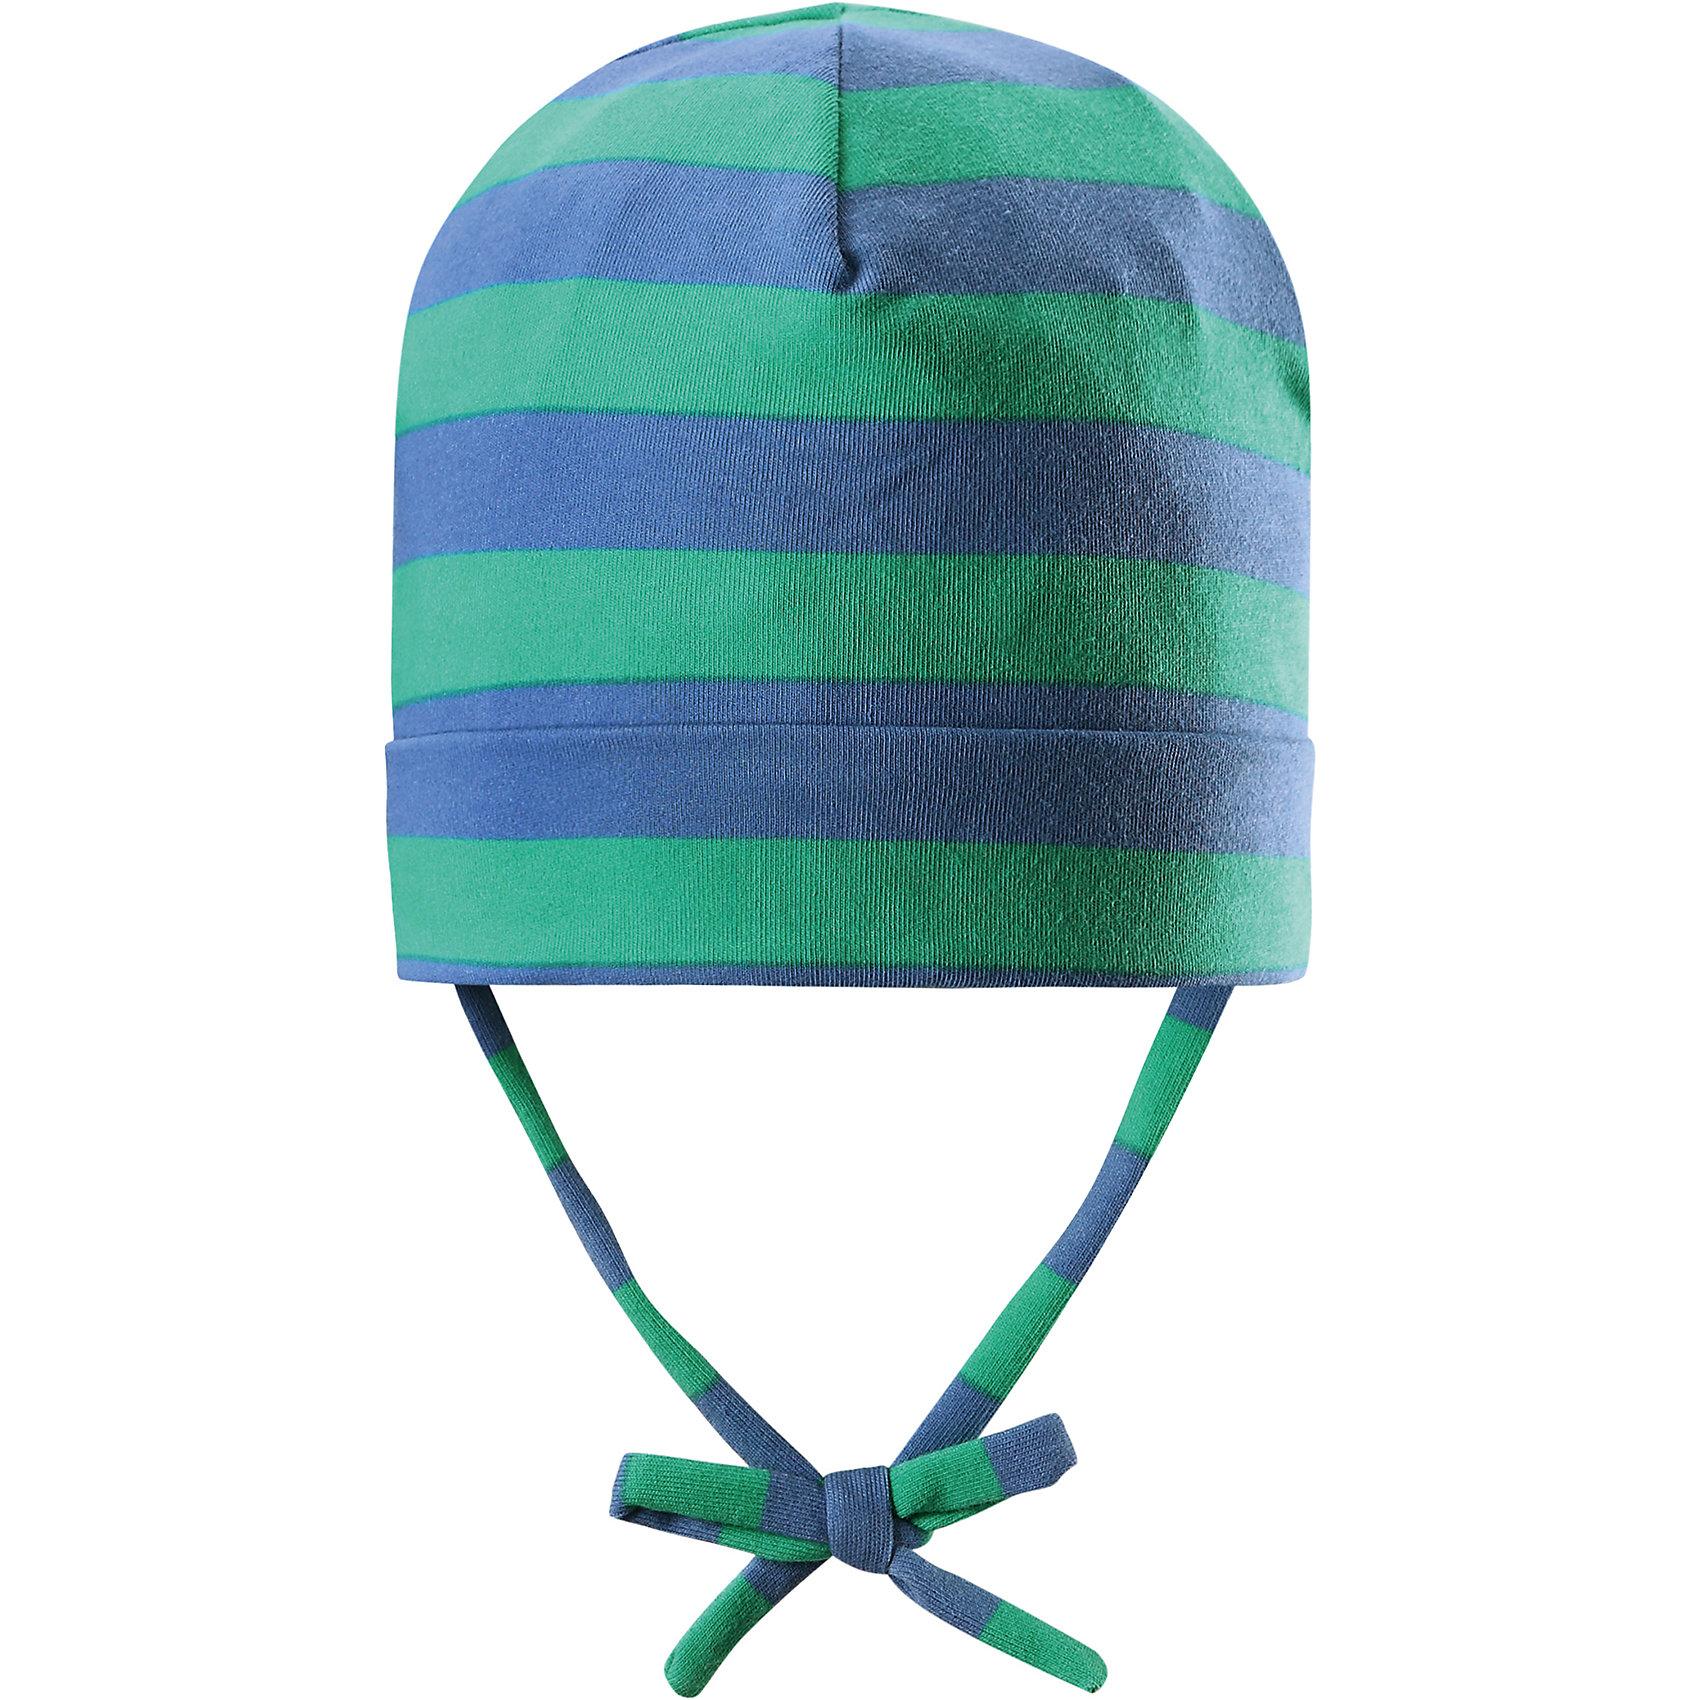 Шапка Linna ReimaШапки и шарфы<br>Характеристики товара:<br><br>• цвет: зелёный/синий<br>• состав: 65% хлопок, 30% полиэстер, 5% эластан<br>• сплошная подкладка: влаговыводящий трикотаж Play Jersey<br>• температурный режим: от 0С до +10С<br>• фактор защиты от ультрафиолета: 40+<br>• эластичный материал<br>• быстросохнущий, очень приятный на ощупь материал Play Jersey<br>• приятная на ощупь хлопковая поверхность<br>• влагоотводящая изнаночная сторона<br>• завязки во всех размерах<br>• эмблема Reima сзади<br>• страна бренда: Финляндия<br>• страна производства: Китай<br><br>Детский головной убор может быть модным и удобным одновременно! Стильная шапка поможет обеспечить ребенку комфорт и дополнить наряд. Шапка удобно сидит и аккуратно выглядит. Проста в уходе, долго служит. Стильный дизайн разрабатывался специально для детей. Отличная защита от дождя и ветра!<br><br>Уход:<br><br>• стирать с бельем одинакового цвета, вывернув наизнанку<br>• полоскать без специального средства<br>• придать первоначальную форму вo влажном виде.<br><br>Шапку от финского бренда Reima (Рейма) можно купить в нашем интернет-магазине.<br><br>Ширина мм: 89<br>Глубина мм: 117<br>Высота мм: 44<br>Вес г: 155<br>Цвет: зеленый<br>Возраст от месяцев: 18<br>Возраст до месяцев: 36<br>Пол: Унисекс<br>Возраст: Детский<br>Размер: 50,52,46,48<br>SKU: 5271015